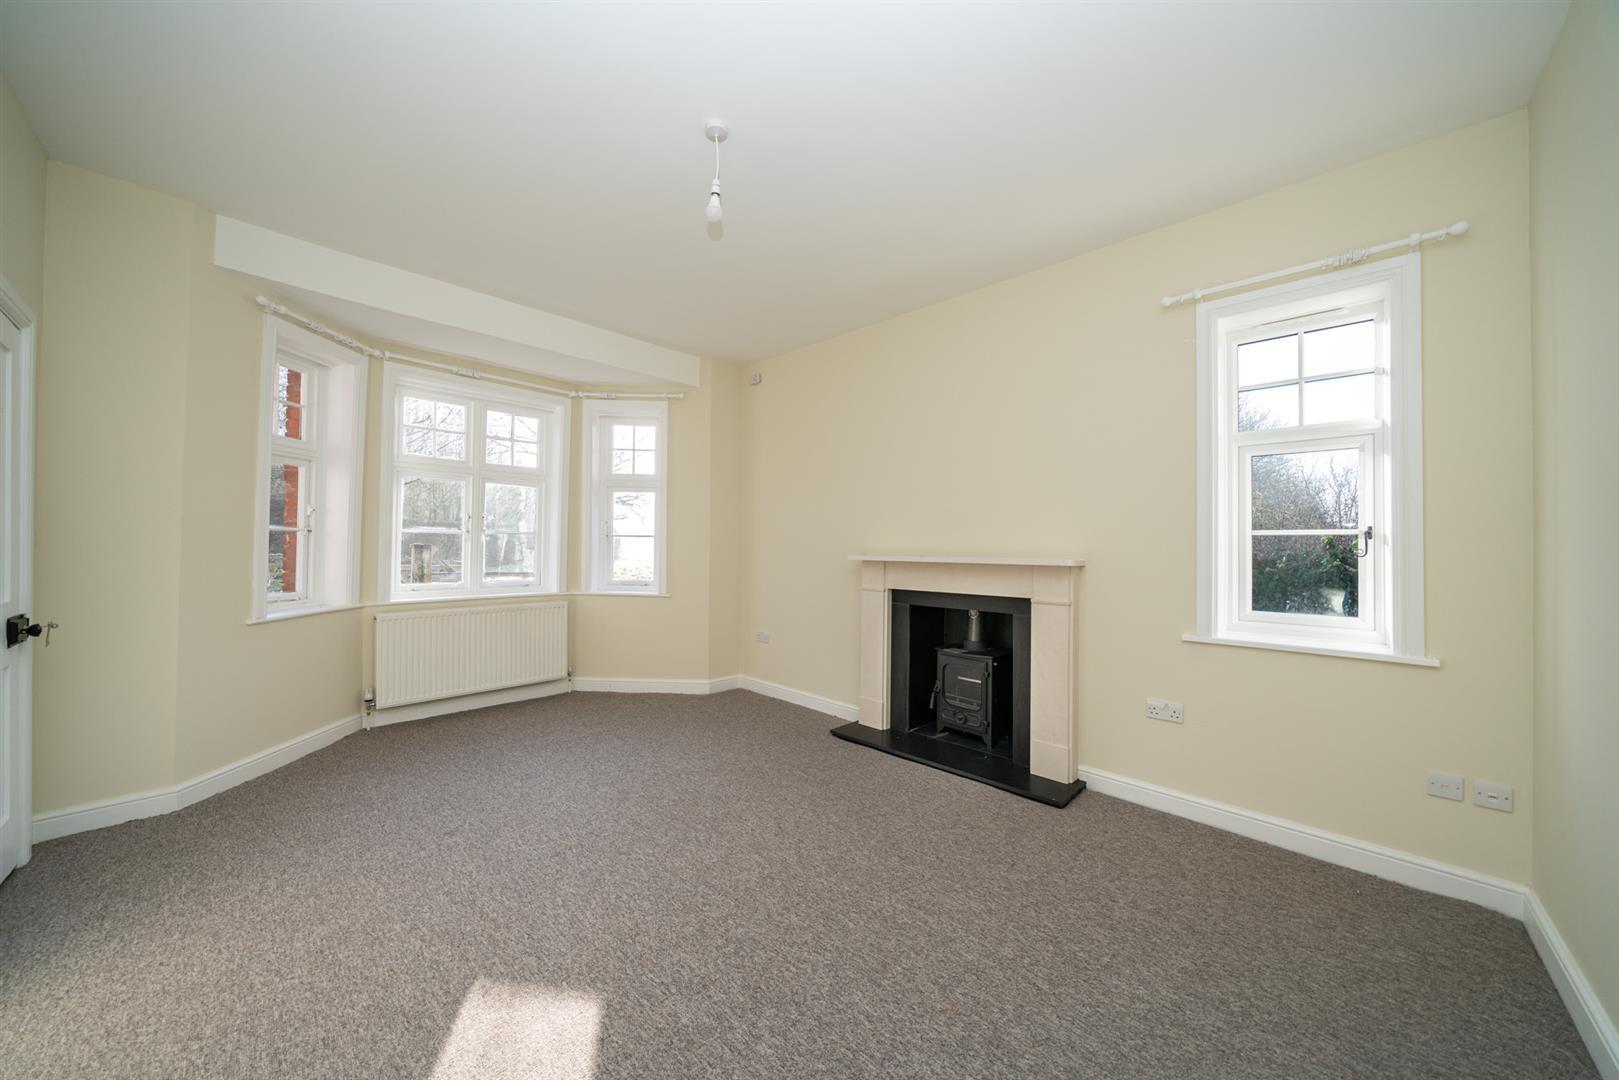 Golden-Parsonage-Lodge-8609 - living room.jpg